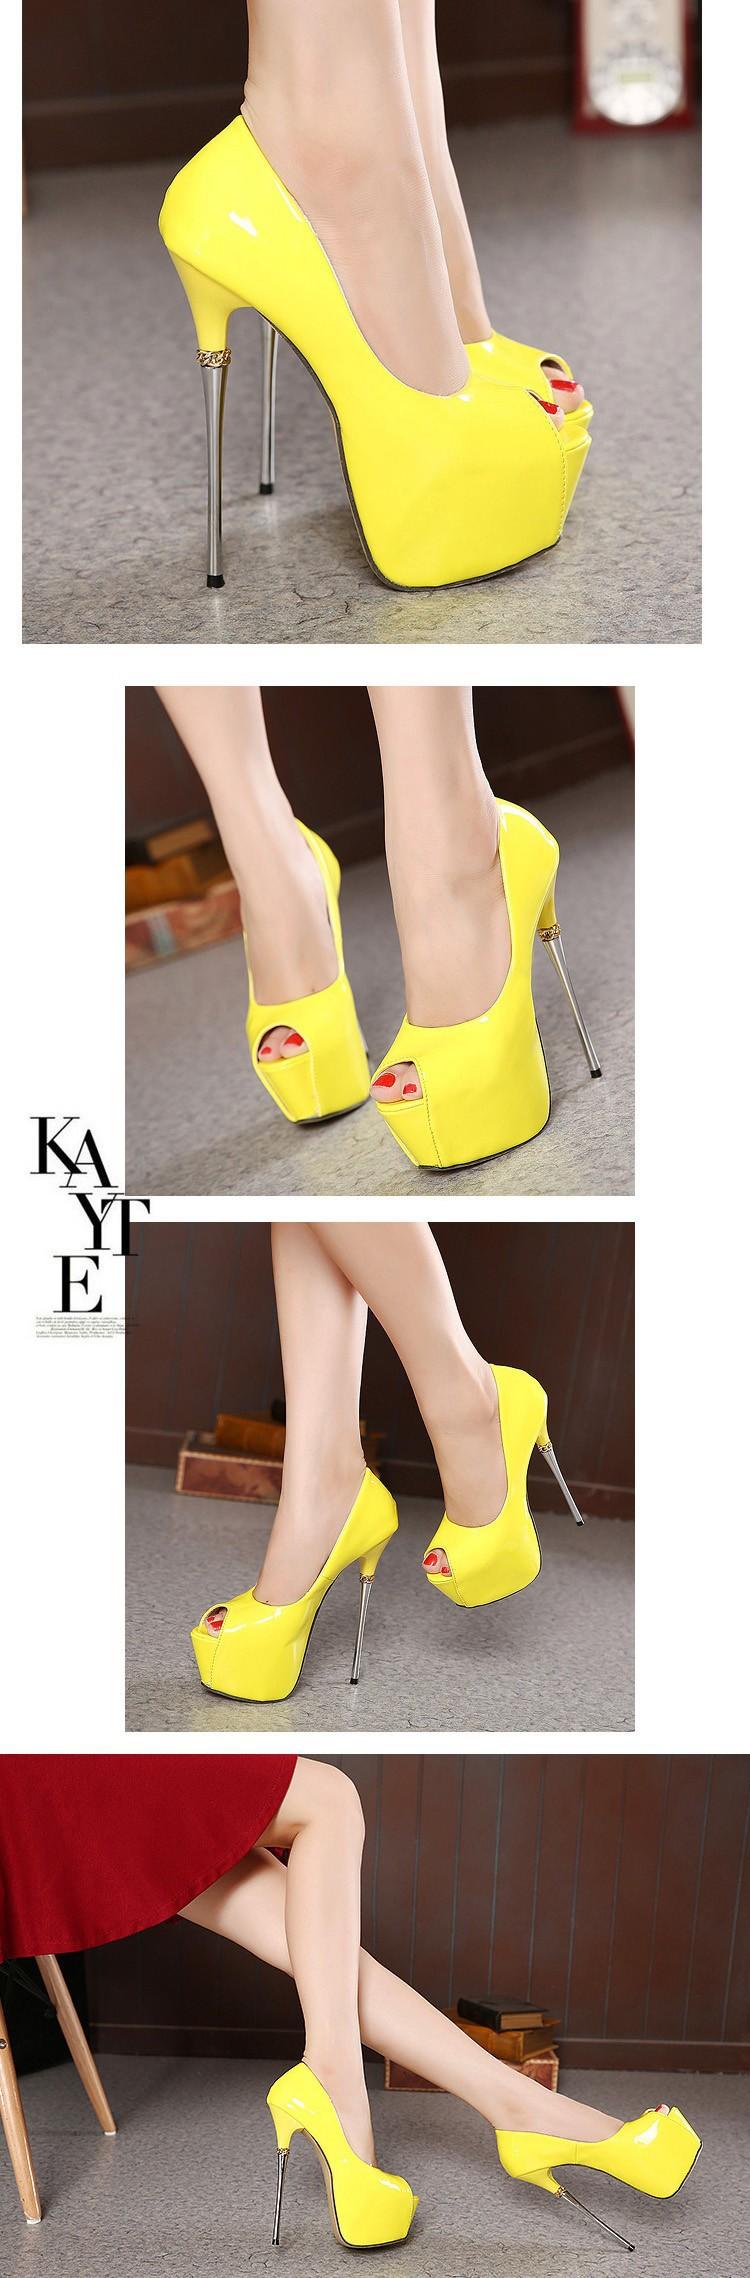 white wedding shoes 16cm extreme high heels party shoes Pumps ... 0cc185f6cc4d